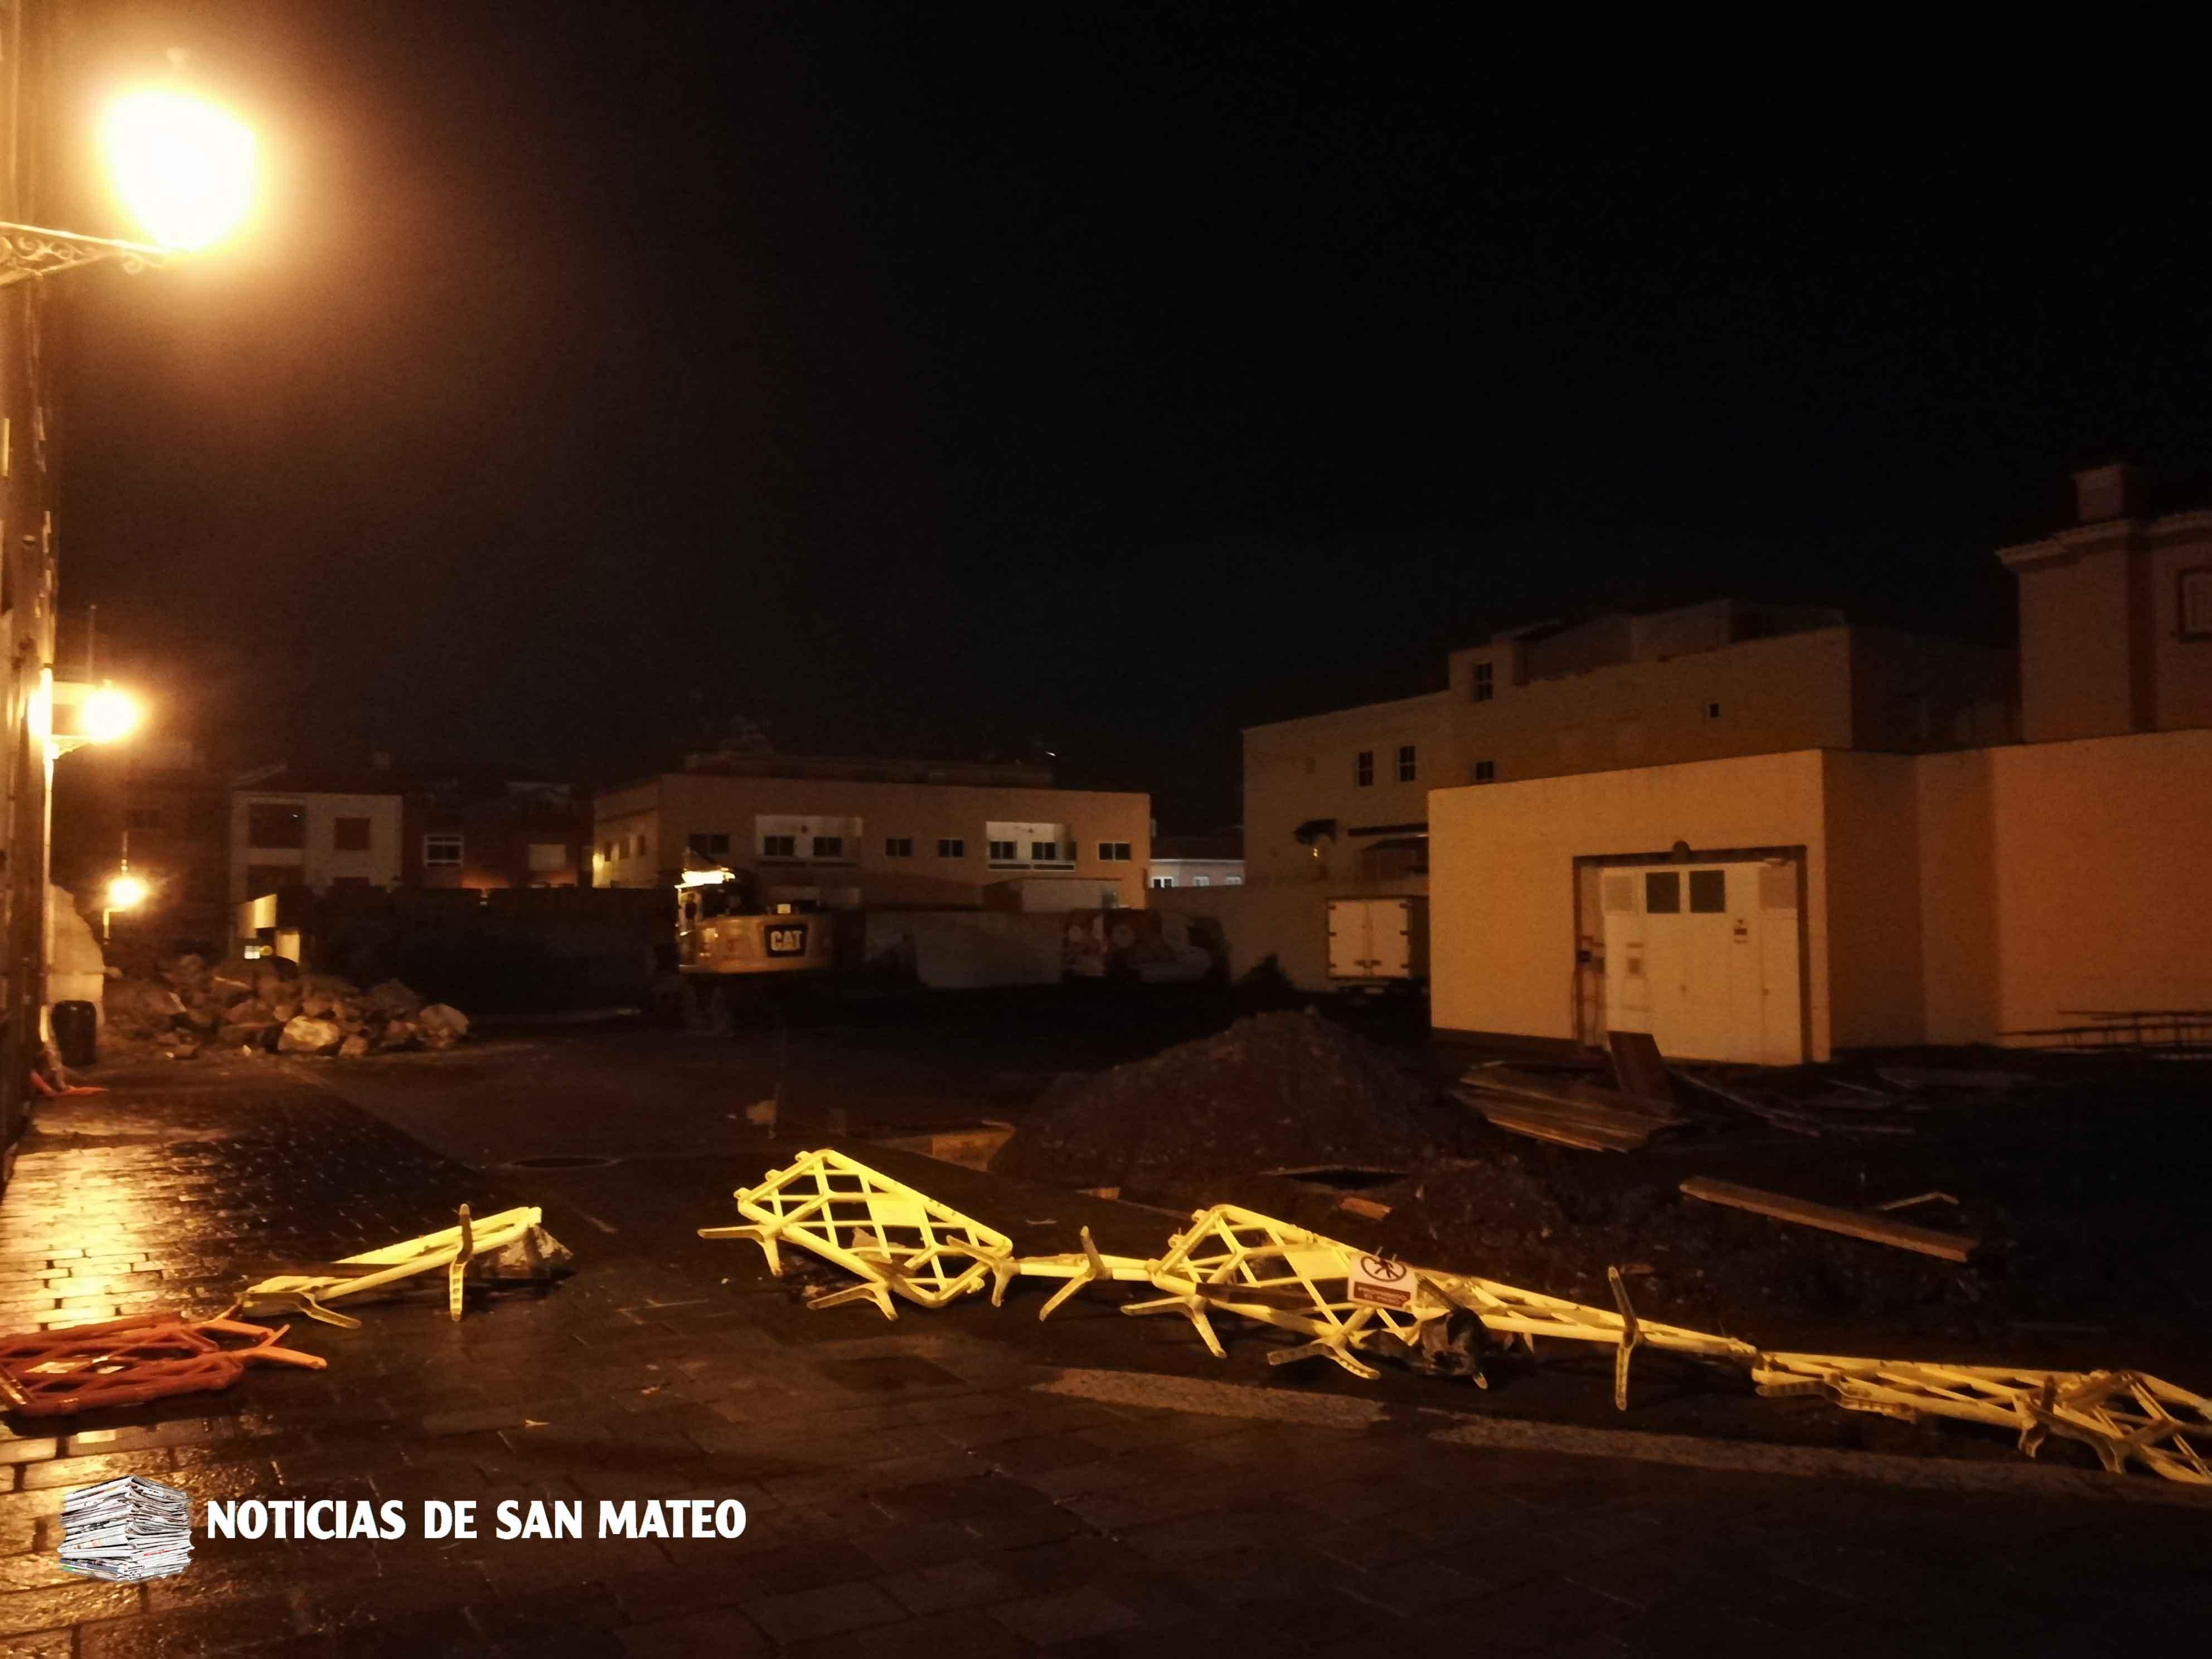 Vallas arrastradas viento San Mateo 27 de febrero de 2018 Foto Laura Miranda Noticias de San Mateo